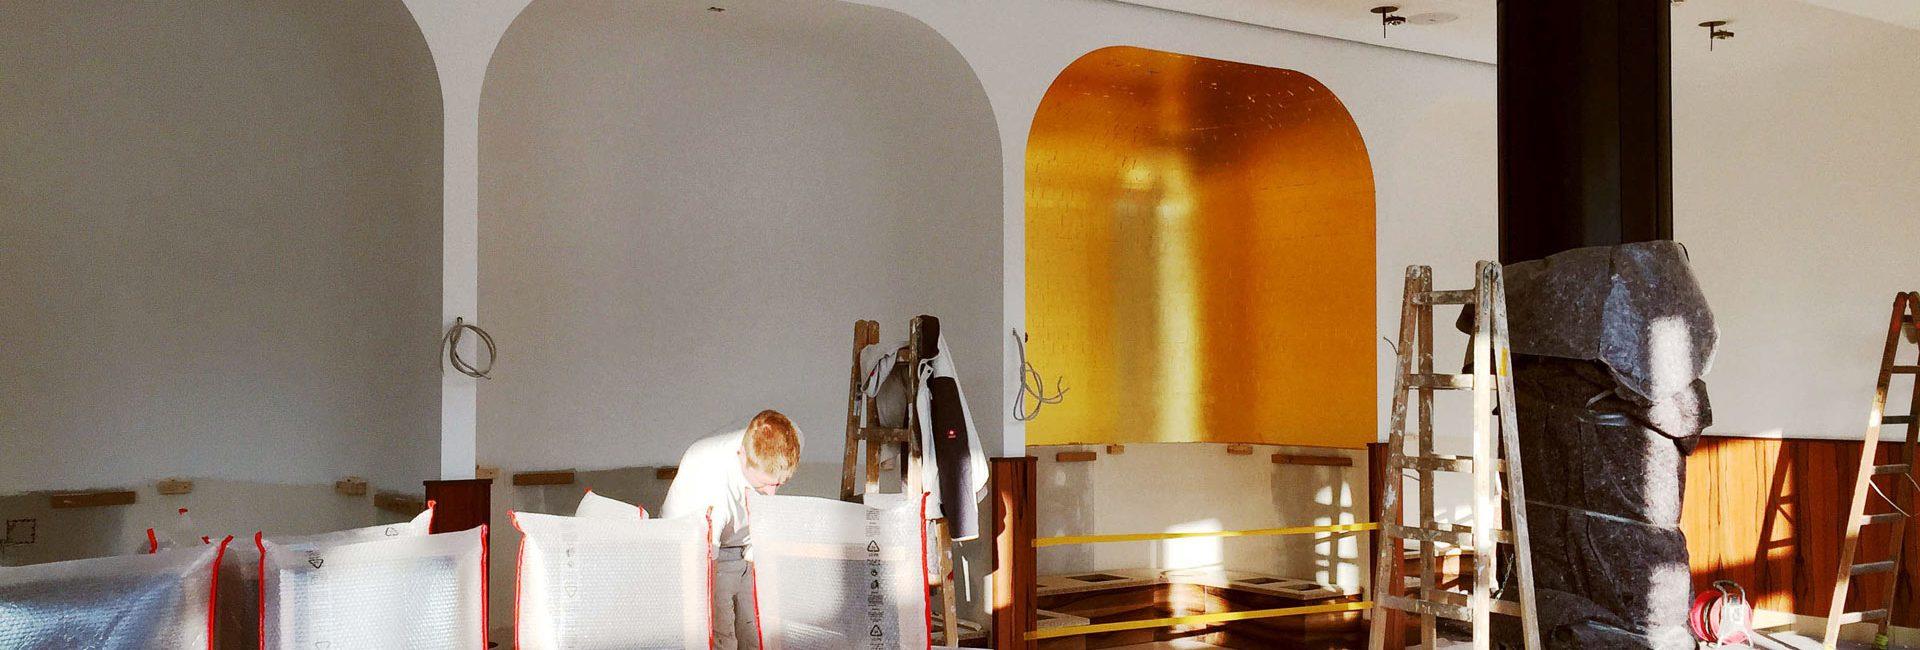 Maler Reichenbach Malerarbeiten Baustelle Raumgestaltung